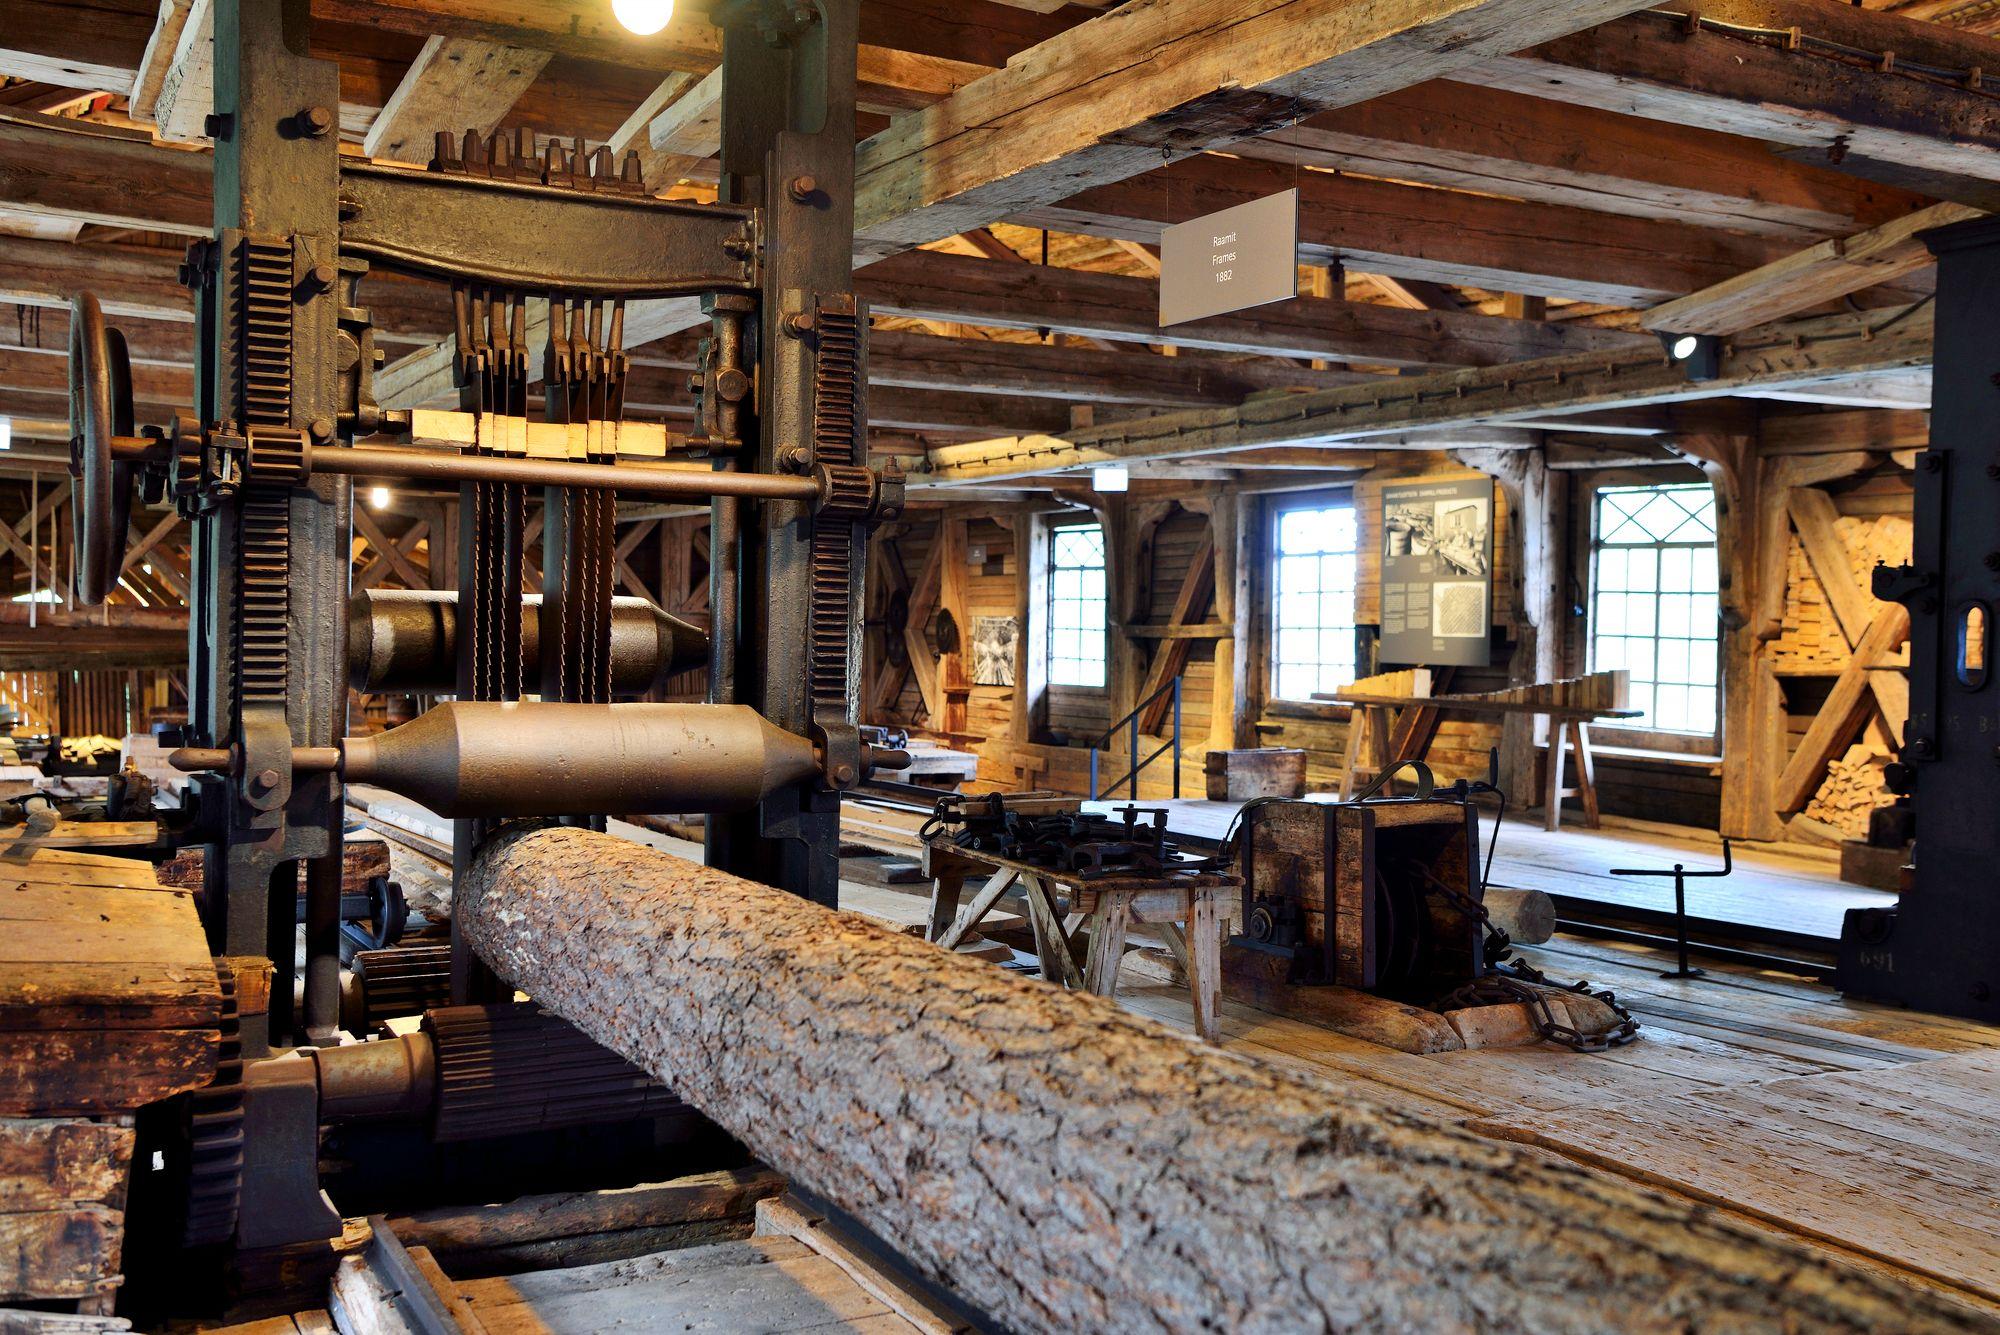 Nyt museoitu sahalaitos lienee Euroopan ainoa, joka on toiminut ensin vesivoimalla, sitten höyryllä ja lopulta sähköllä. © Pekka Numminen